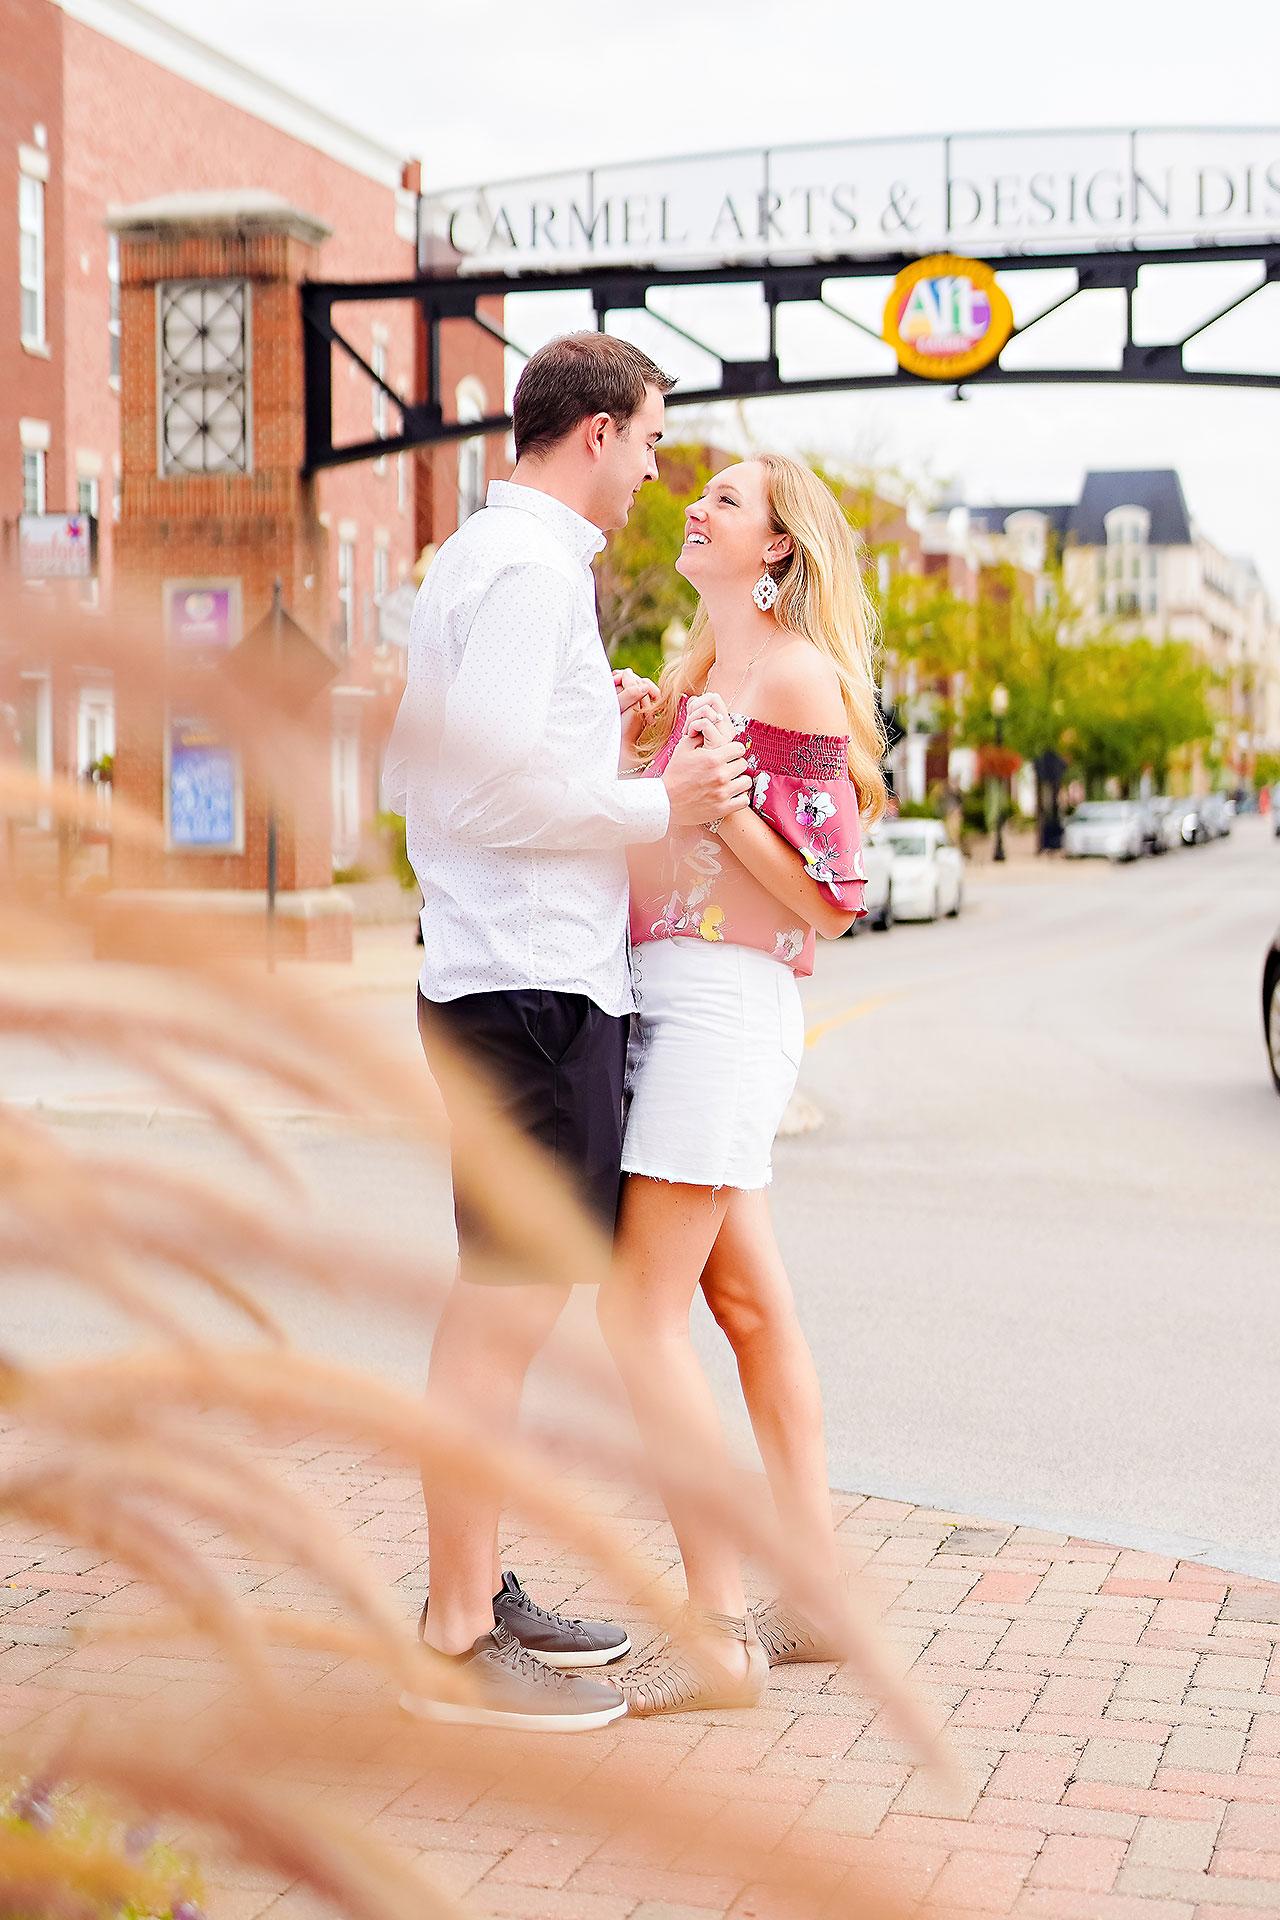 Liz Zach Midtown Carmel Engagement Session 033